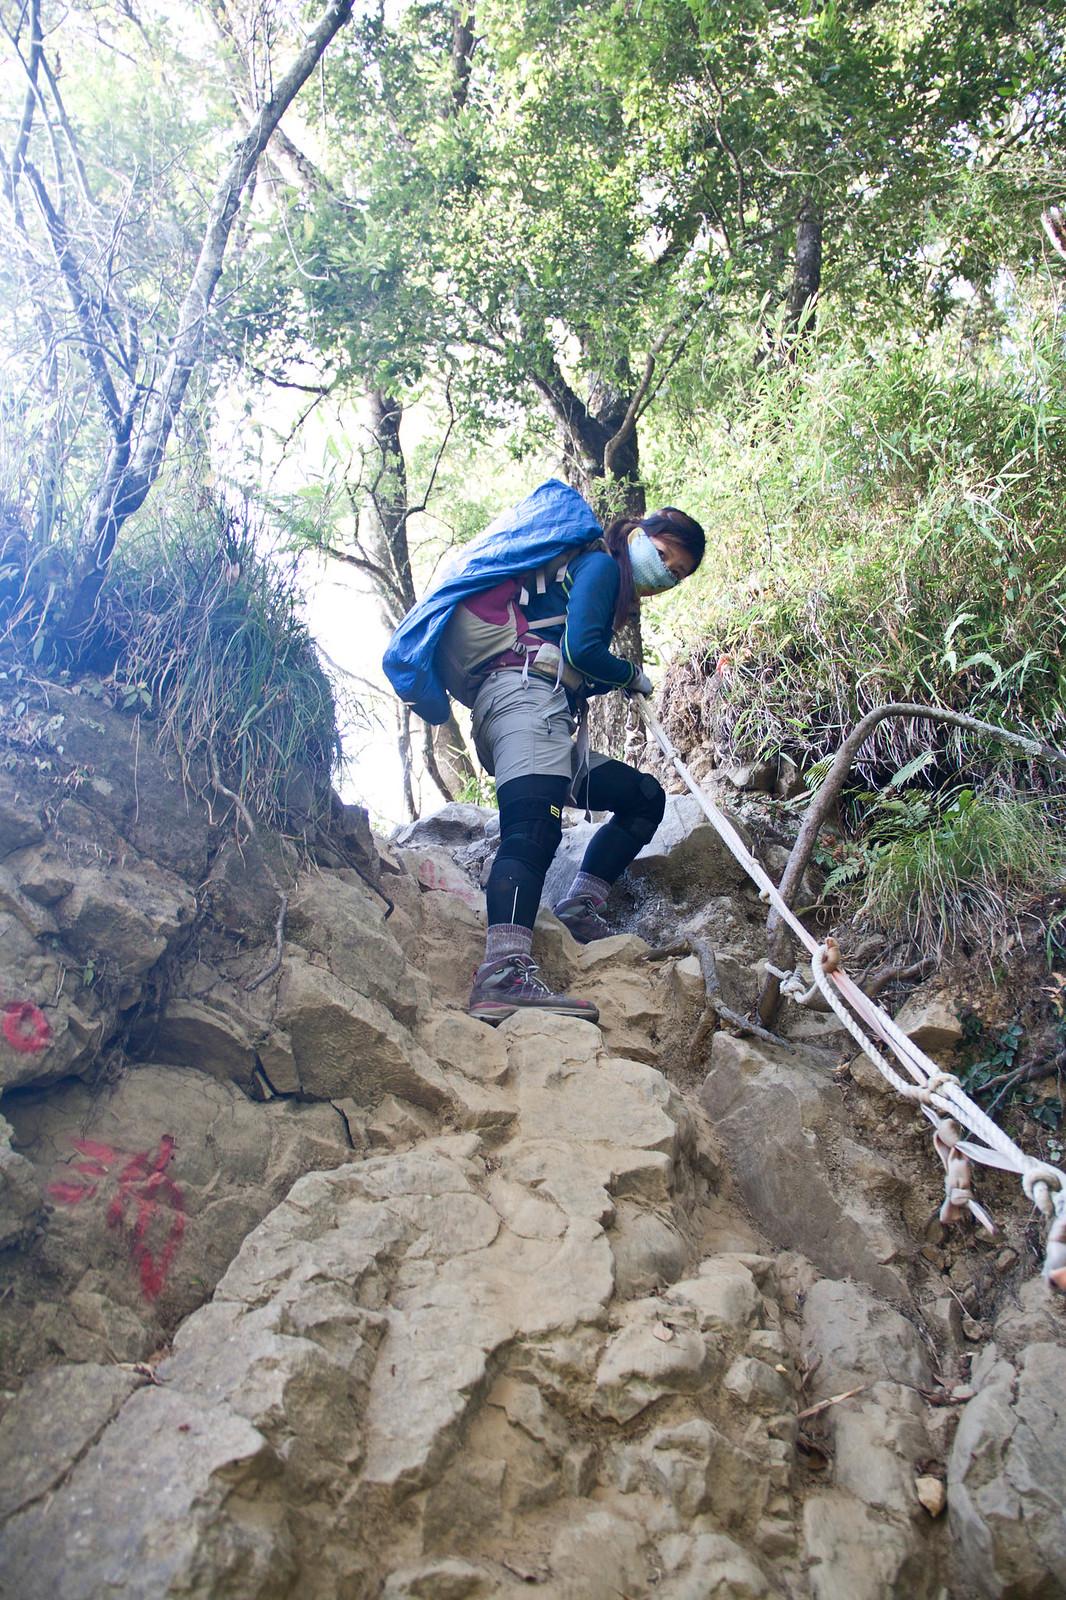 有幾段比較需要攀爬的地型